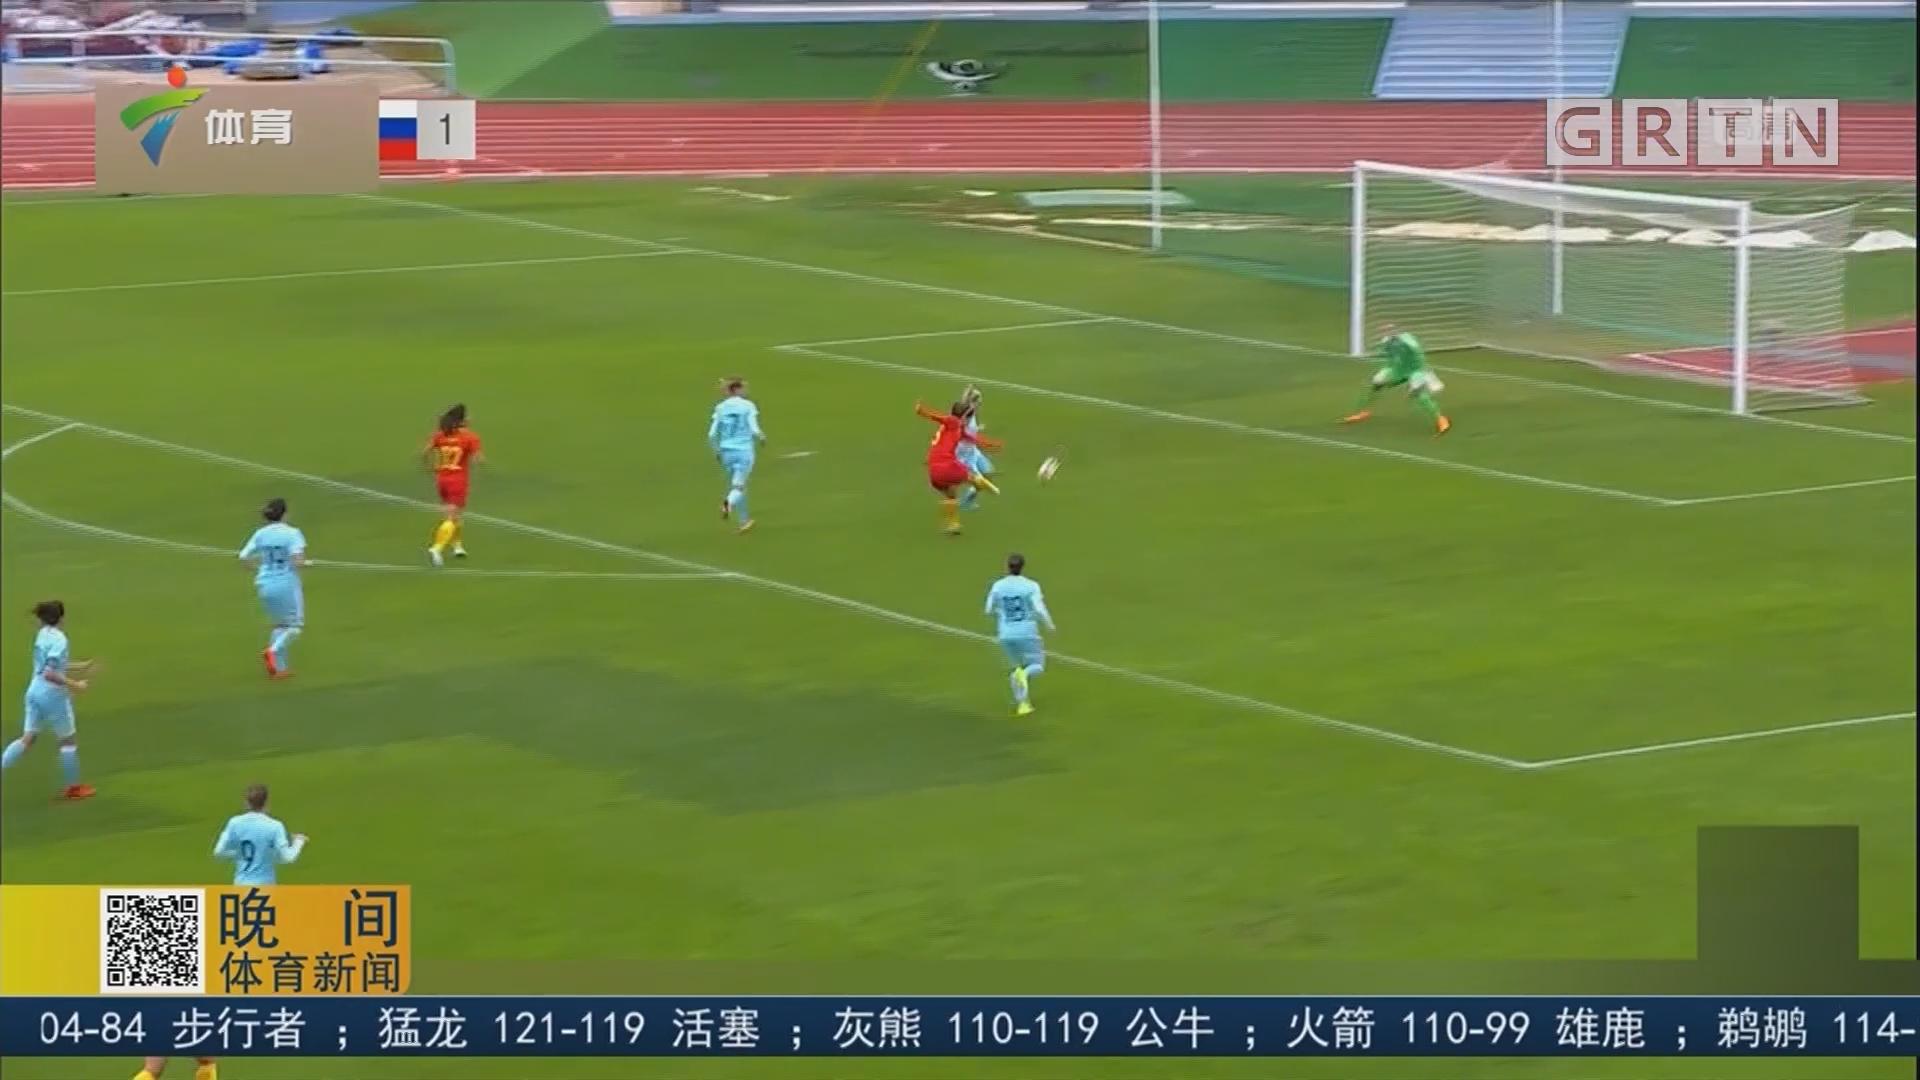 逆转对手 中国女足获阿尔加夫杯第11名